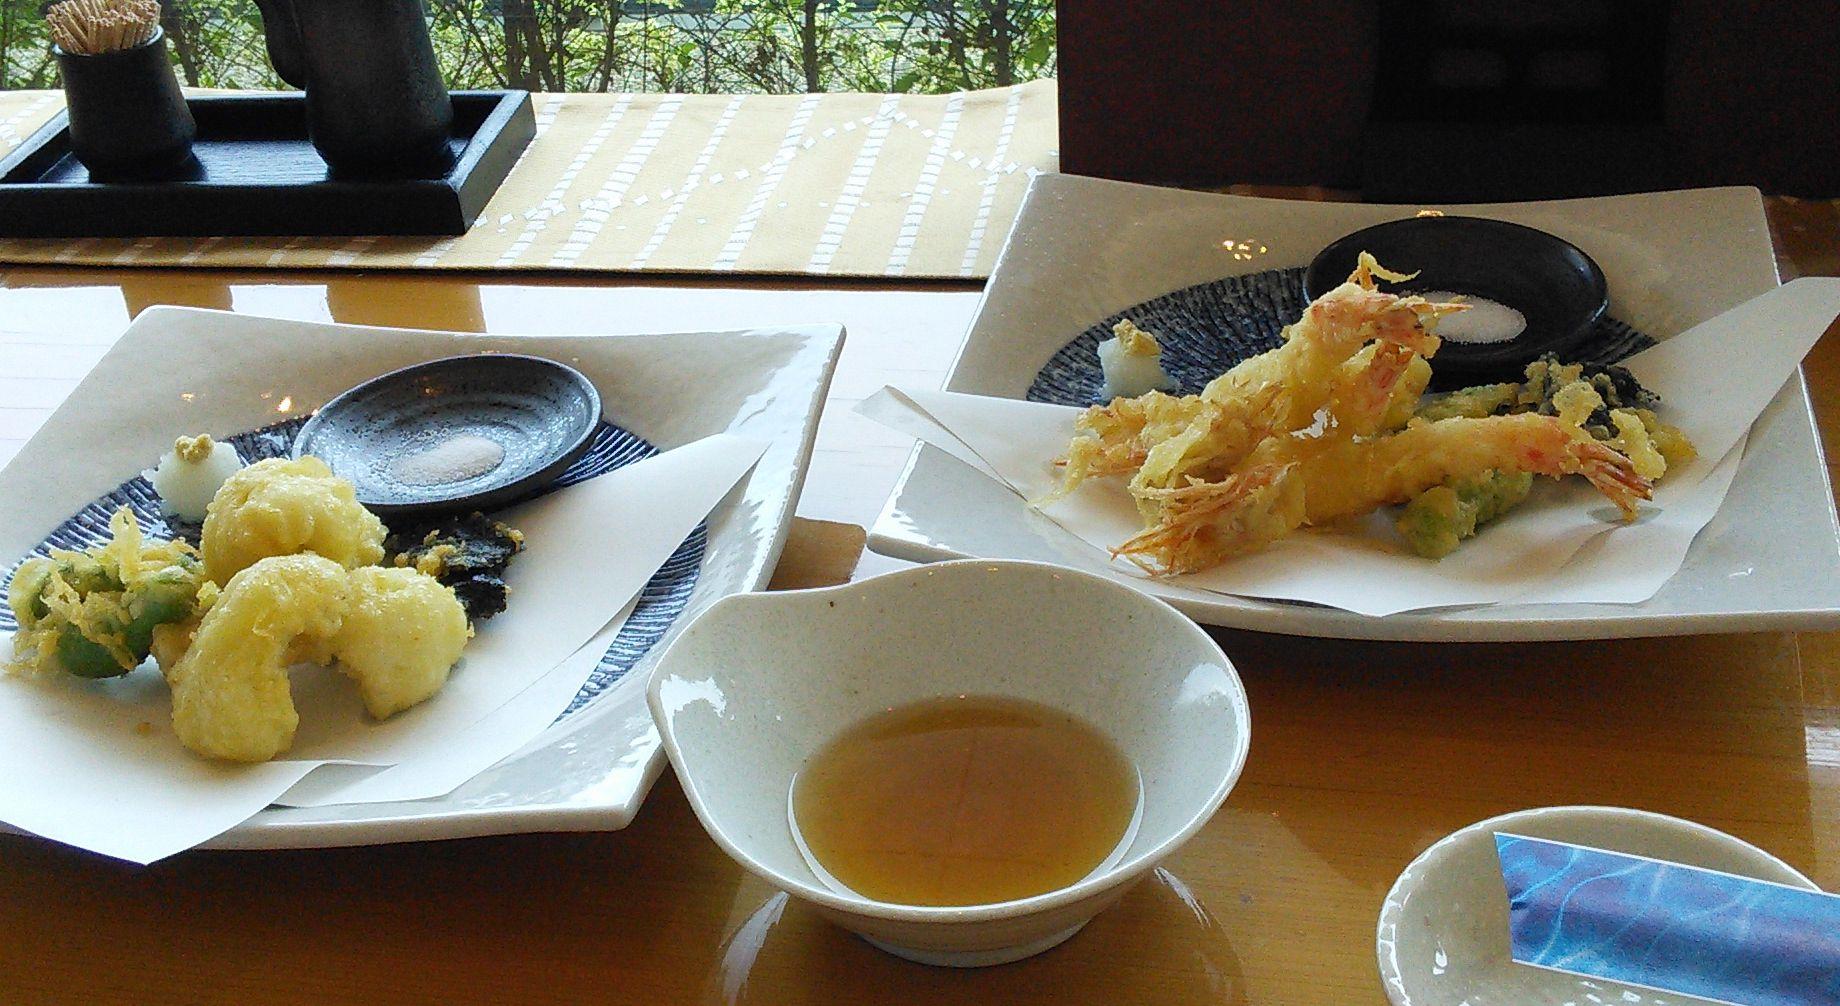 縄寿司鱧車海老天ぷら